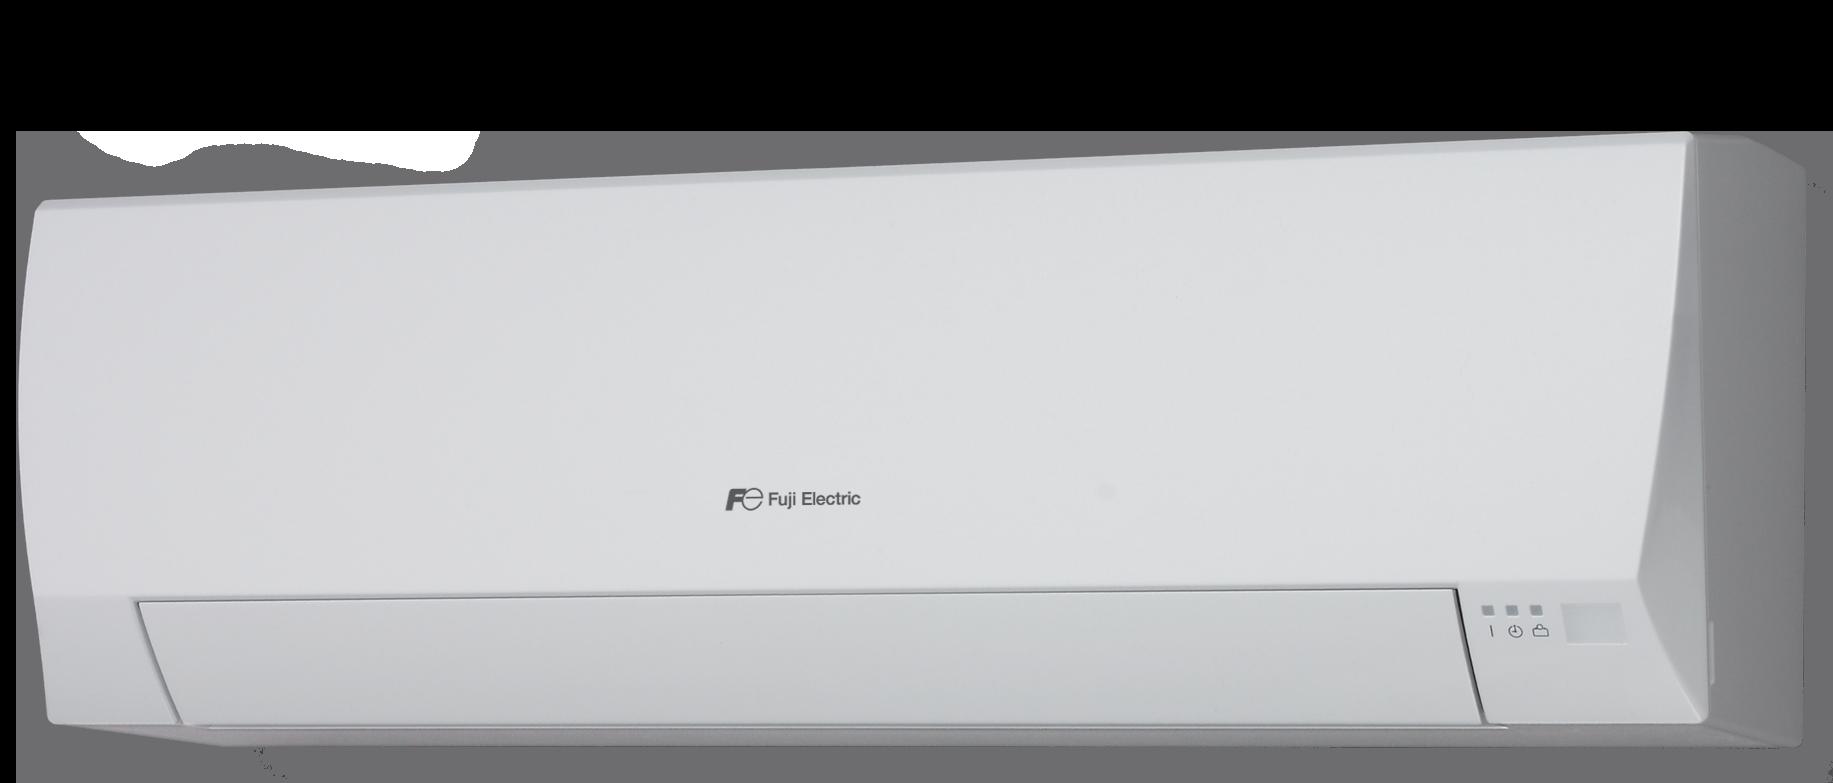 Klimatyzator Fuji Electric Ścienne RSG-LLCC (2.5-3.4 kW)